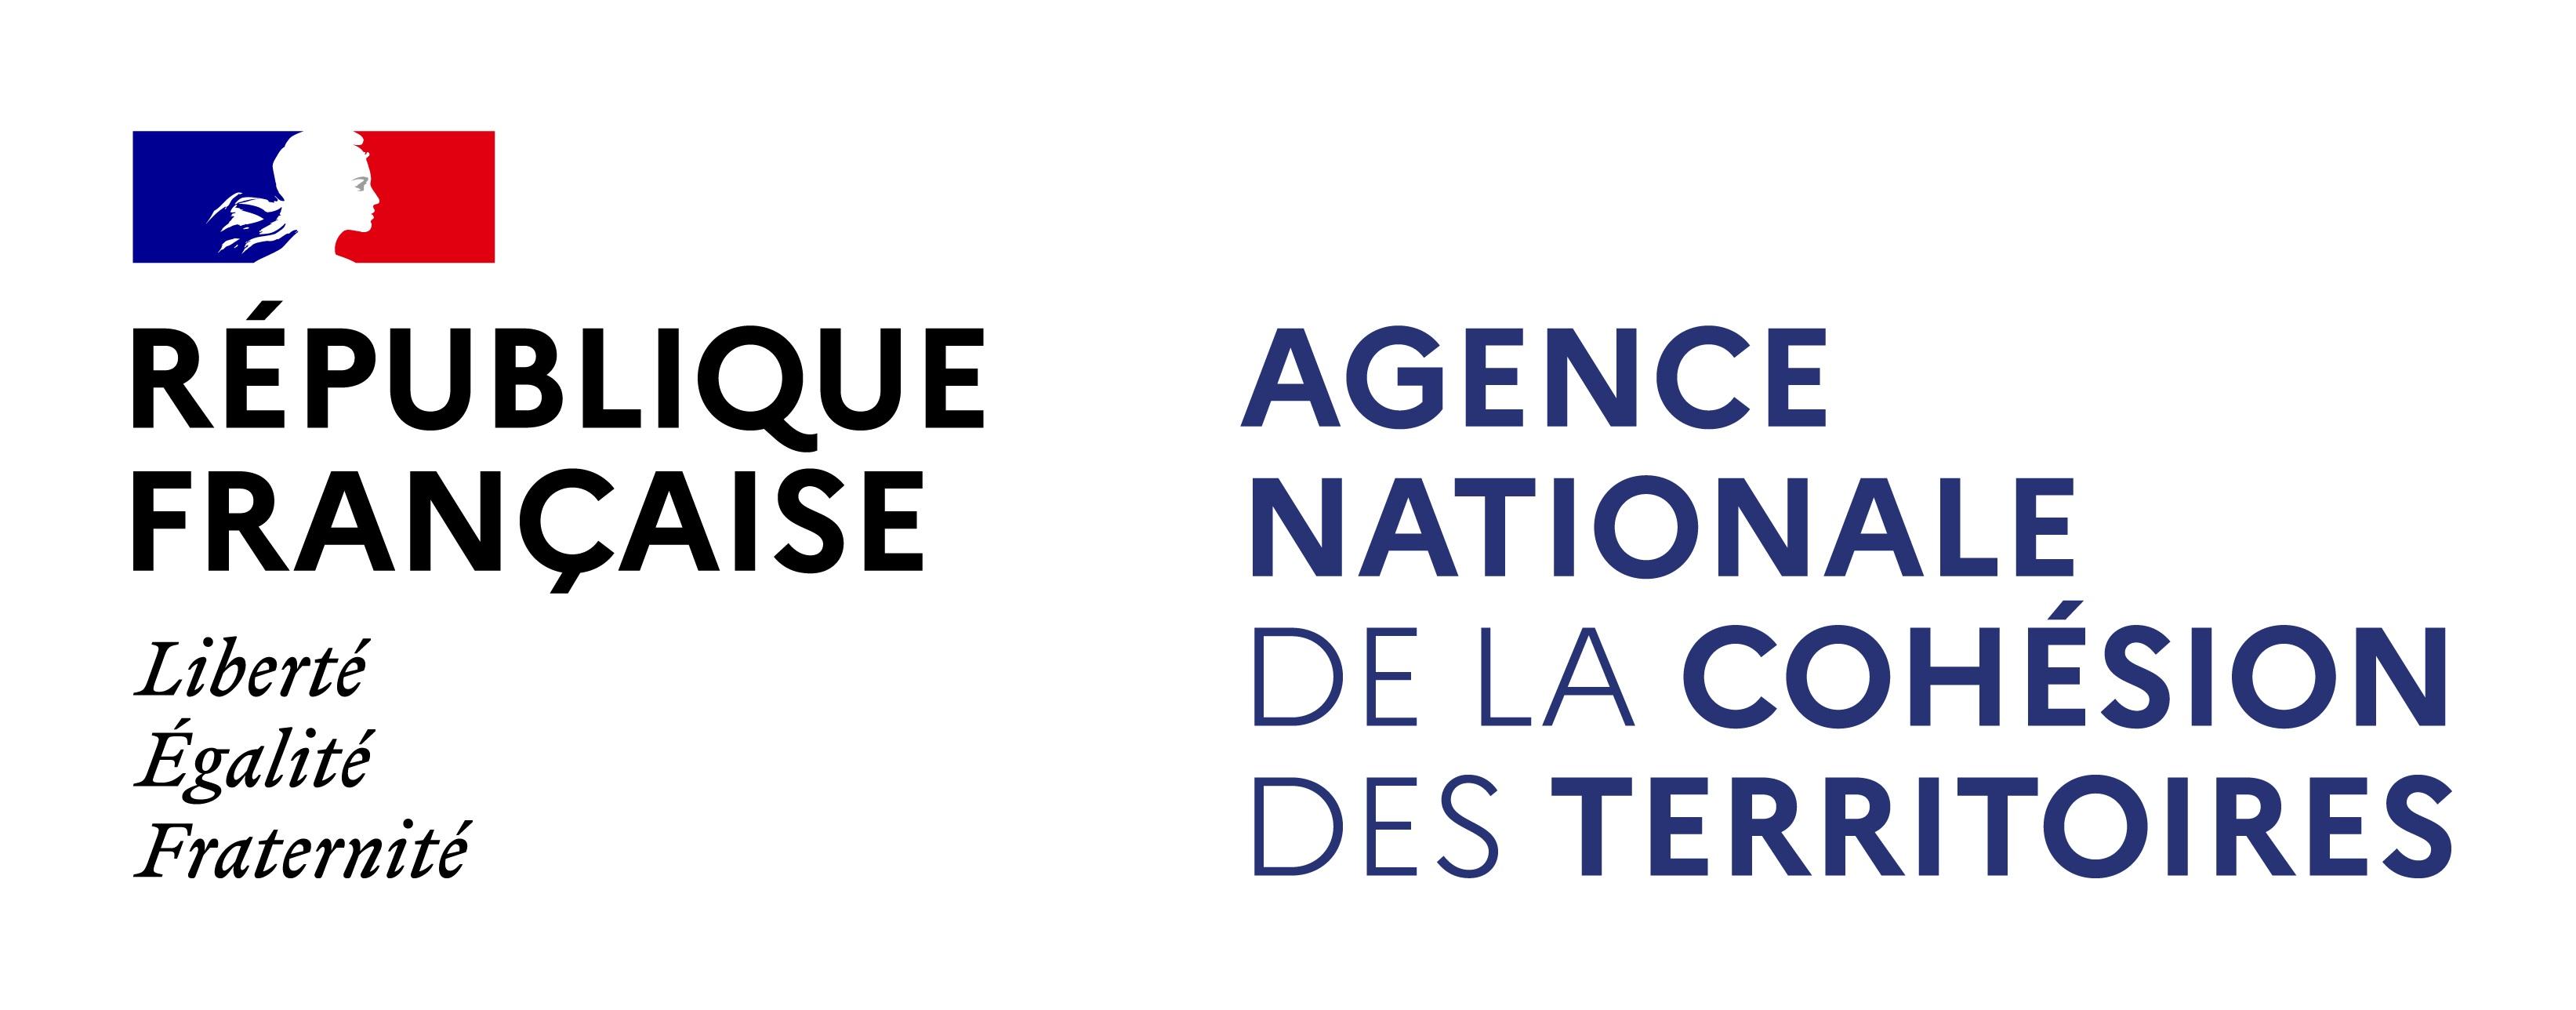 ANCT  AGENCE NATIONALE DE LA COHESION DES TERRITOIRES